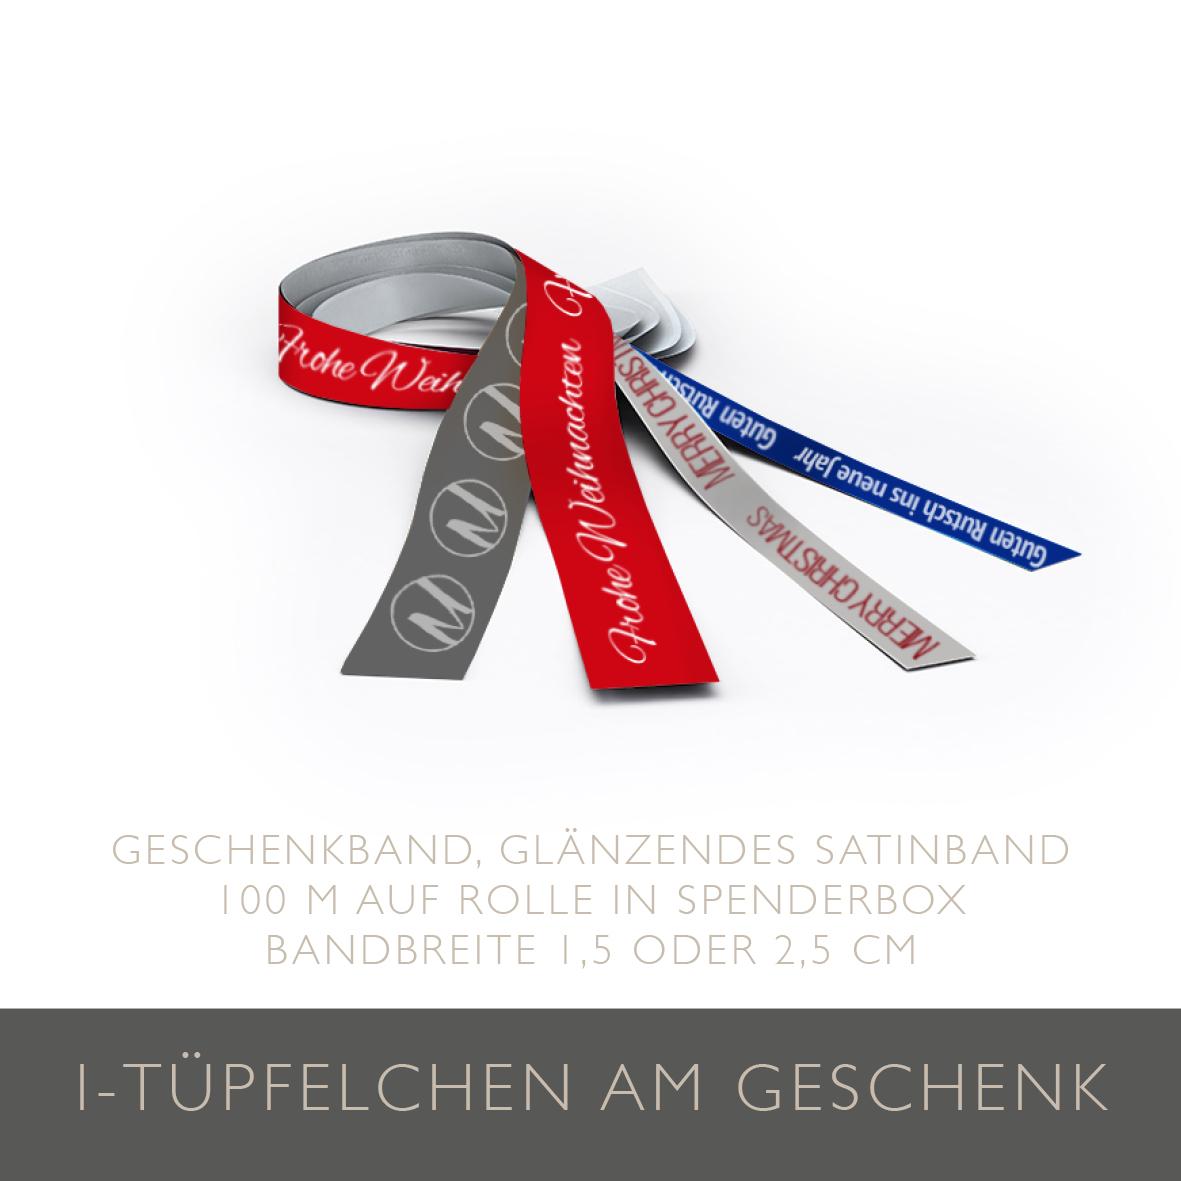 Weihnachtskarten, Werbegeschenke & Co. zu Weihnachten - Grafikdesign ...